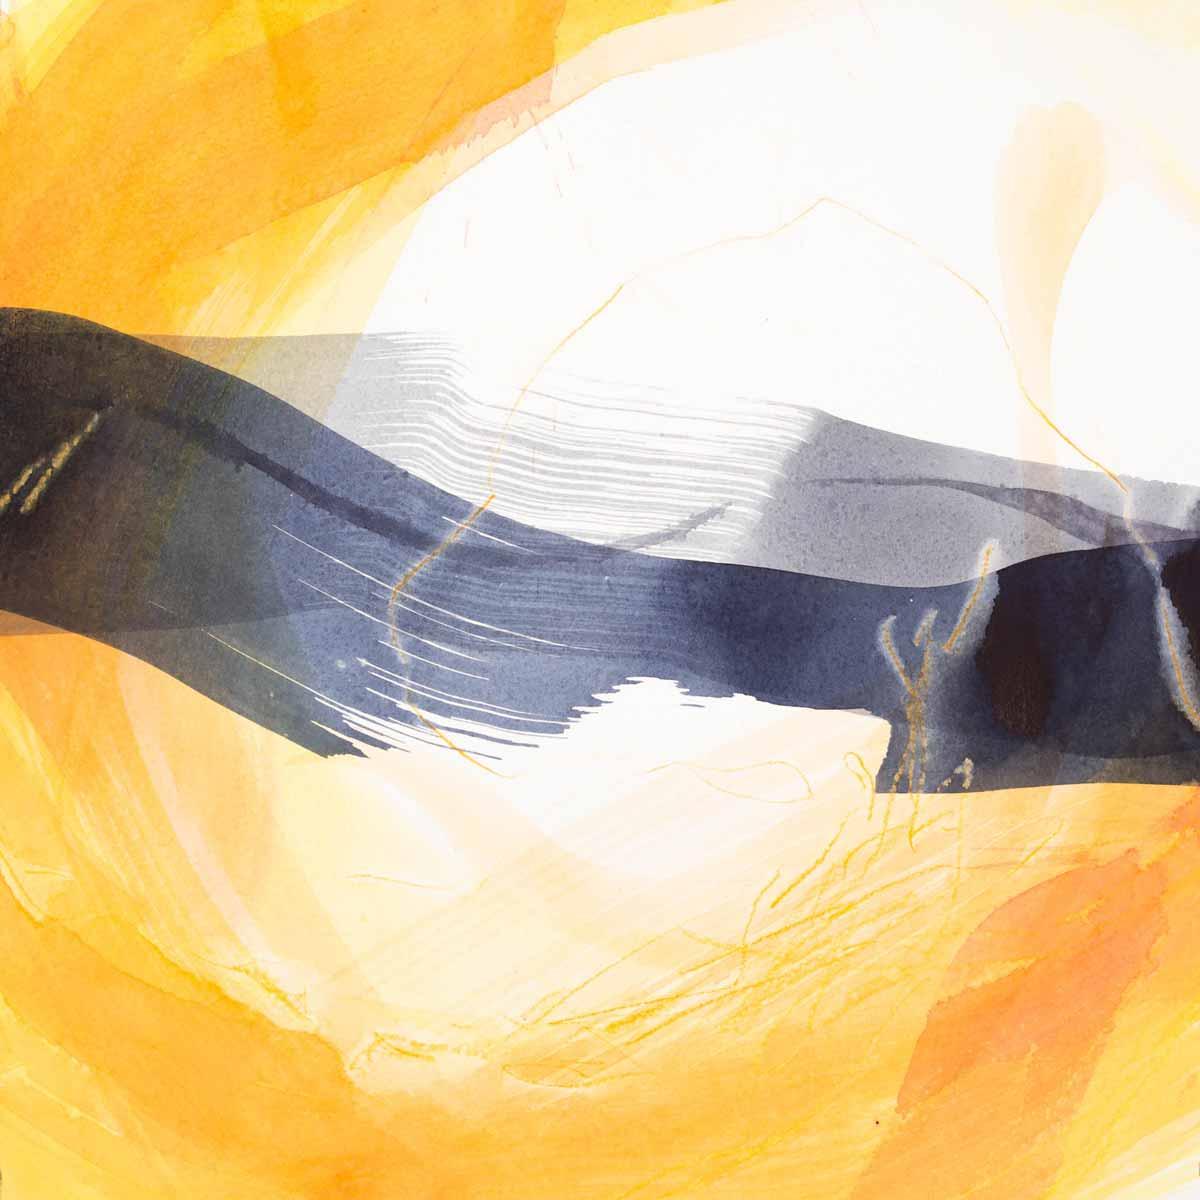 30 x 30 cm, aquarelle et crayons sur papier. 26 jan 14